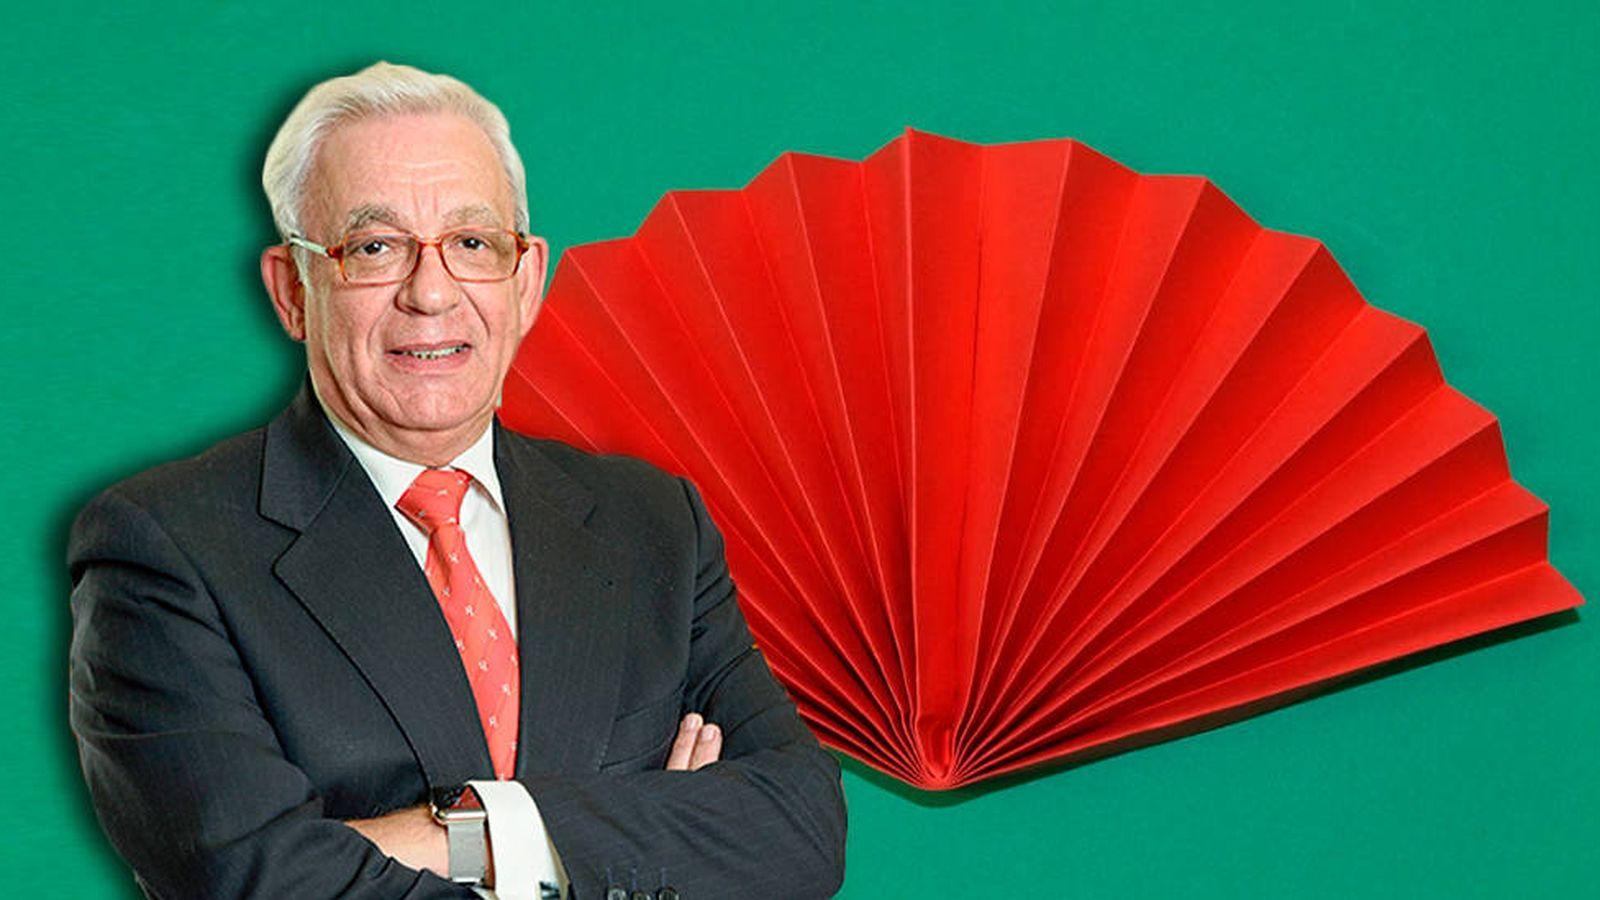 Foto: Jesús Sánchez Martos, consejero de Sanidad de la Comunidad de Madrid, propone abanicos de papel para pasar la ola de calor